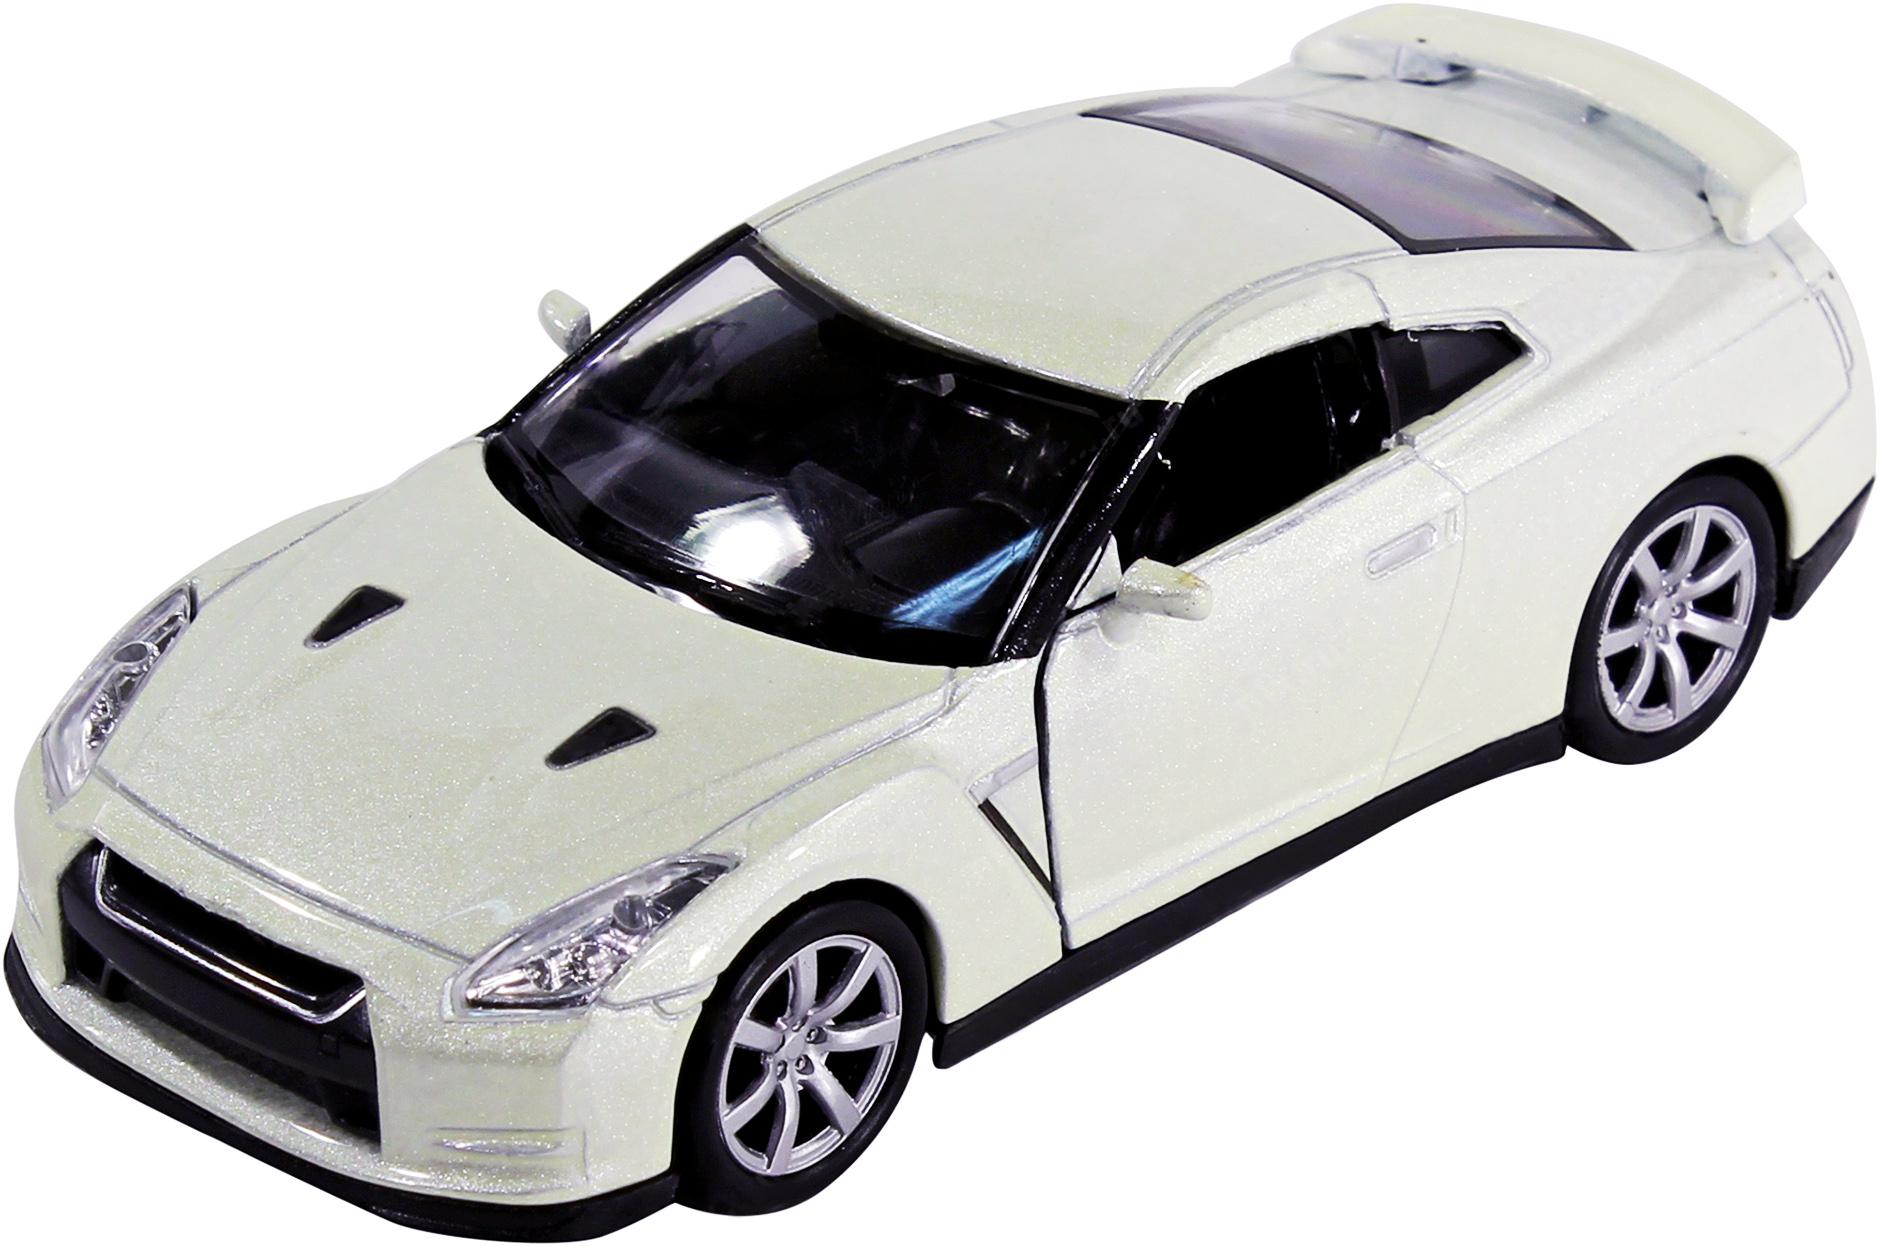 Купить Welly Nissan GTR - модель машины 1:34-39, белая, Китай